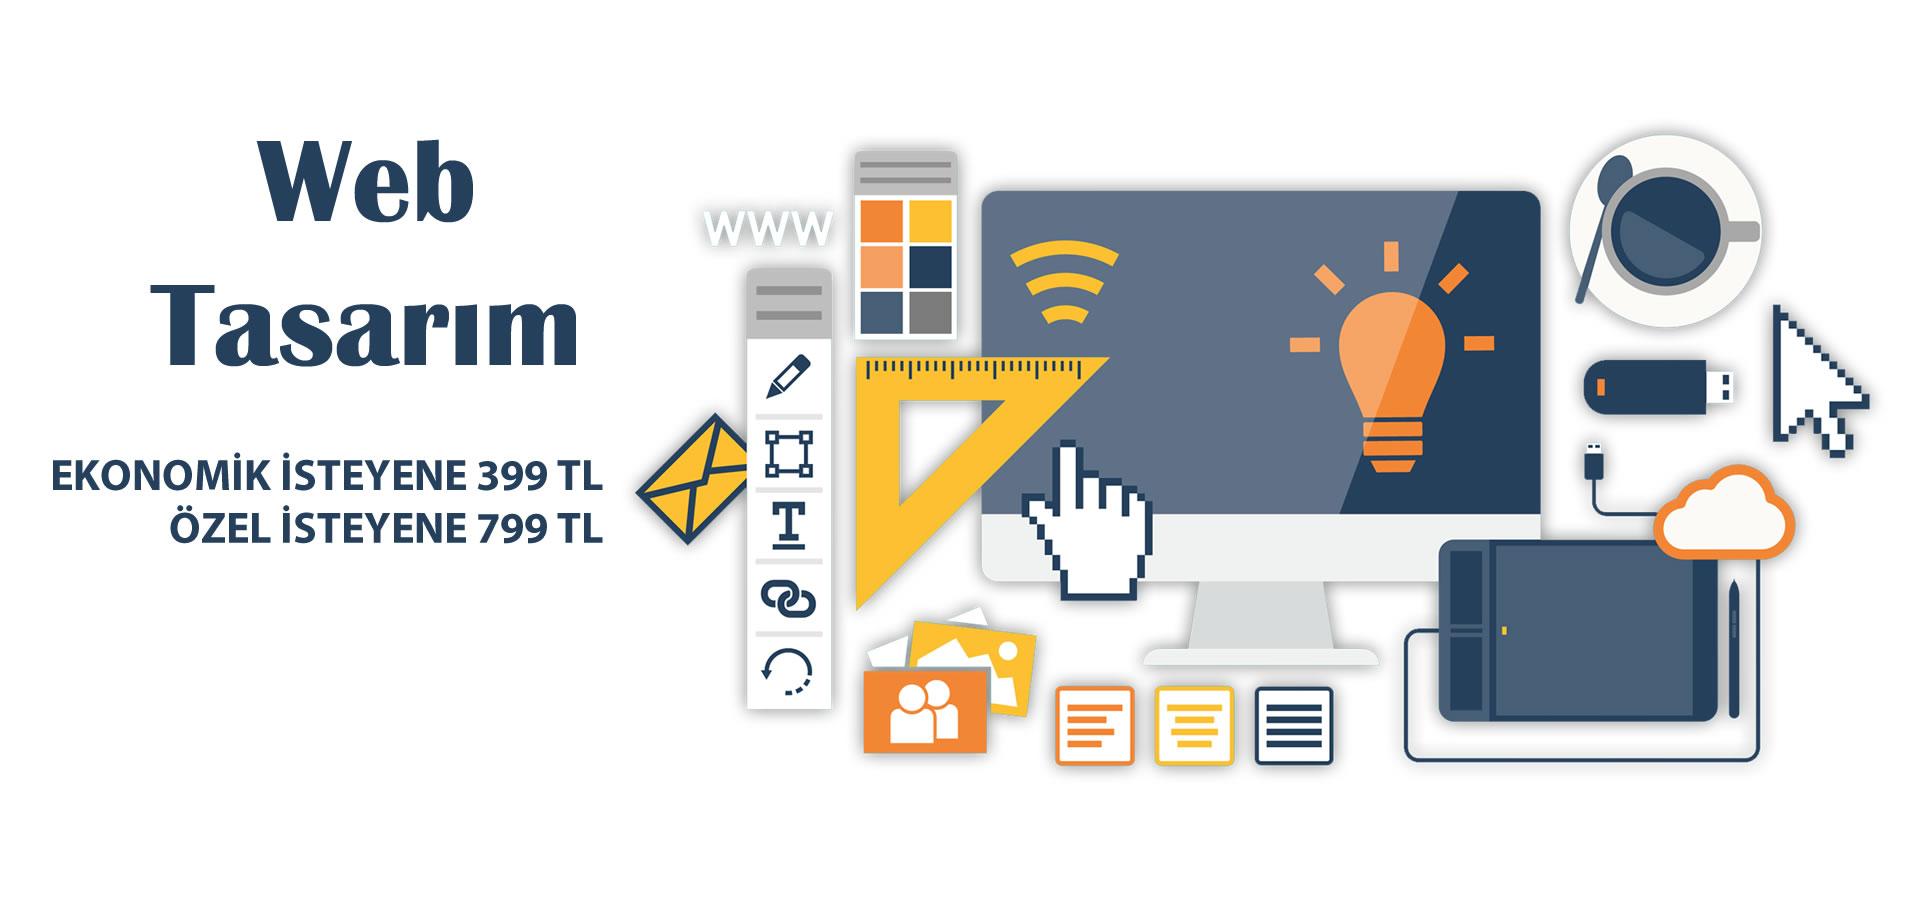 Web Tasarım Küçükçekmece , Web Sitesi Tasarım Küçükçekmece, Kurumsal Web Tasarım Küçükçekmece